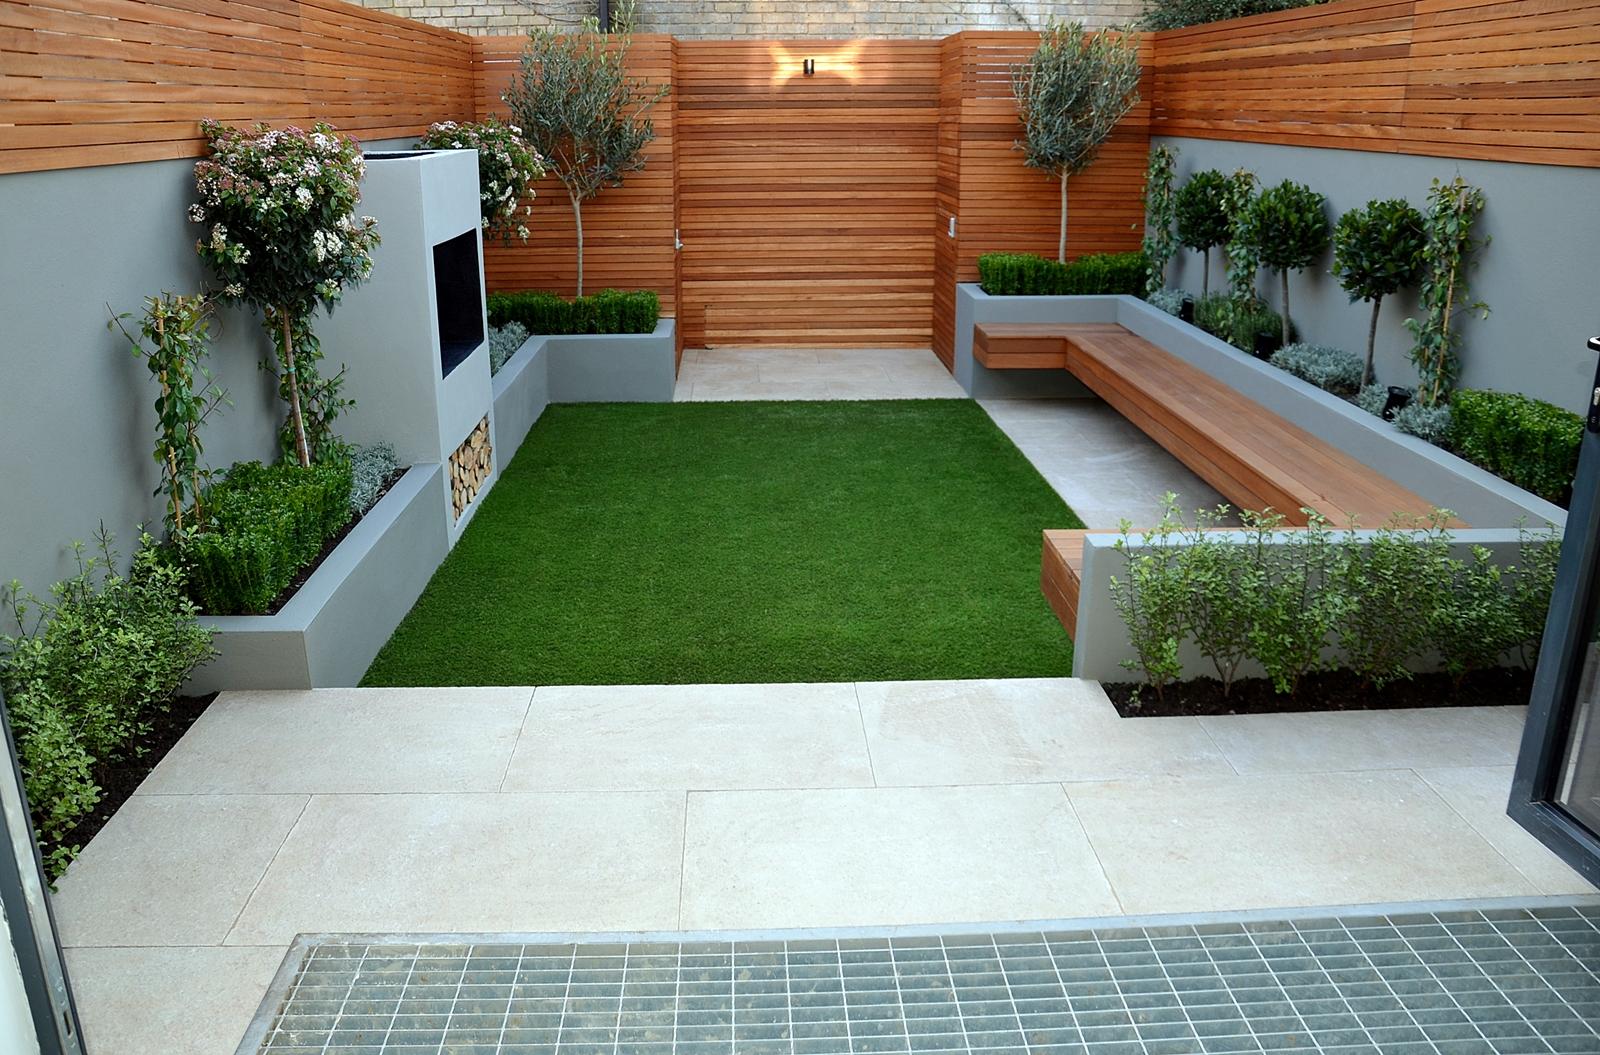 Private Small Garden Design Spaces Pinterest Gardens